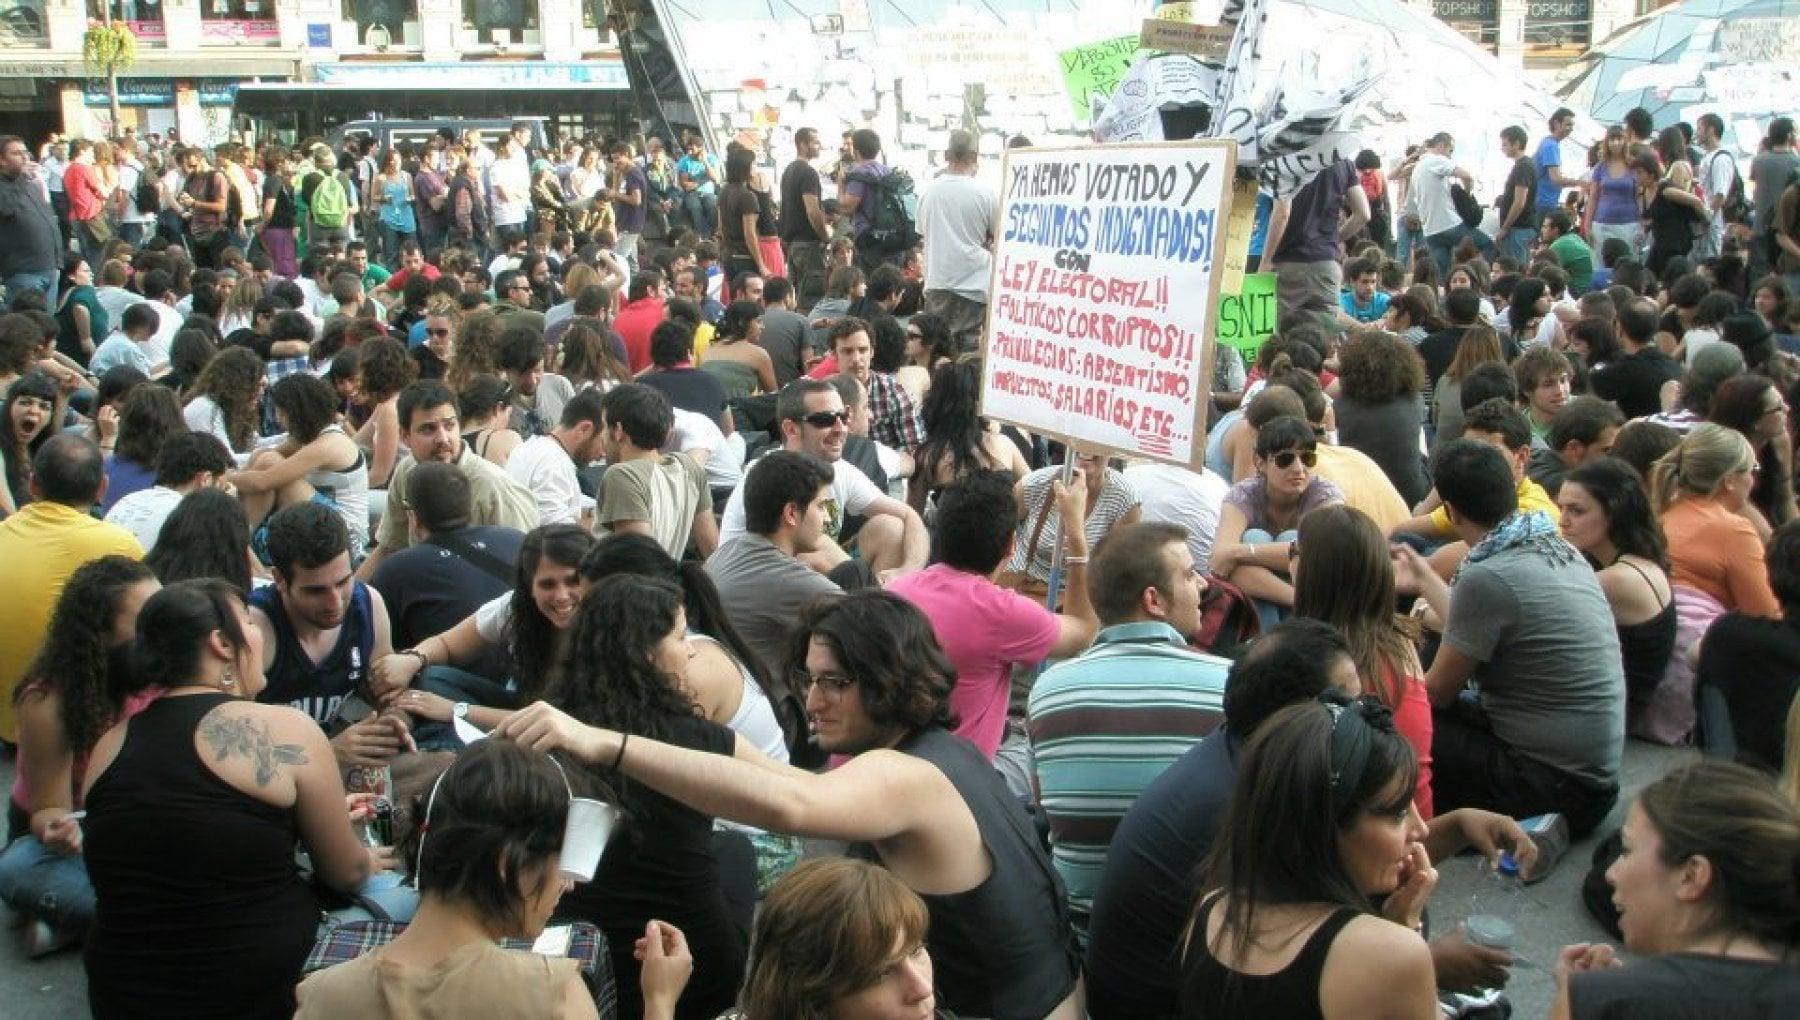 """150111158 c52b6d25 671e 47e7 b044 5de089c3f5a9 - I dieci anni degli """"indignados"""", il movimento di protesta che ha cambiato la Spagna"""